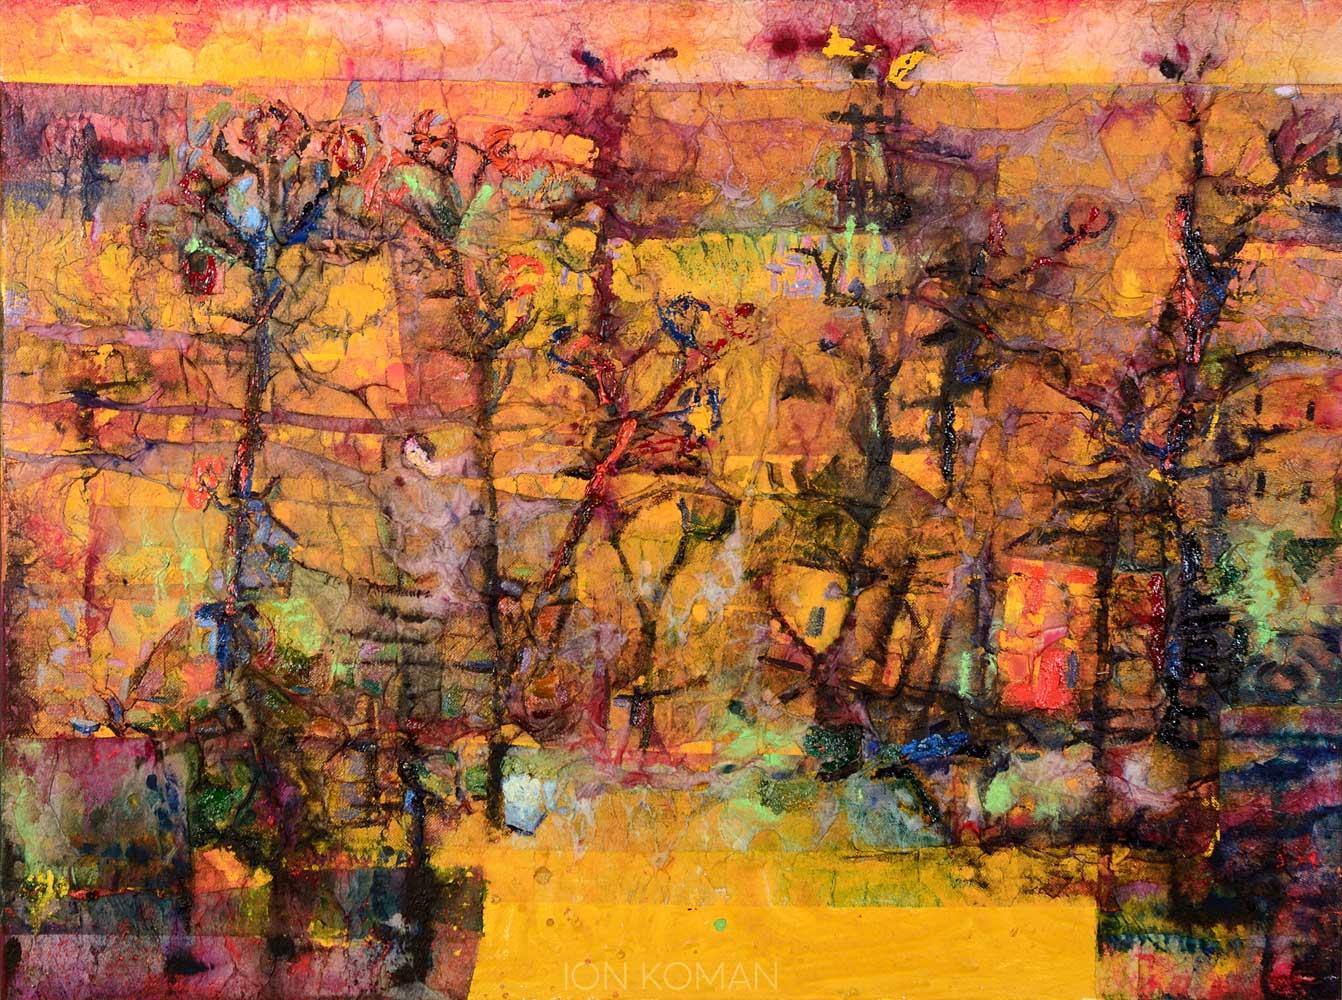 Paesaggio-giallo-2010-tecnica-mista-su-tela-70x80